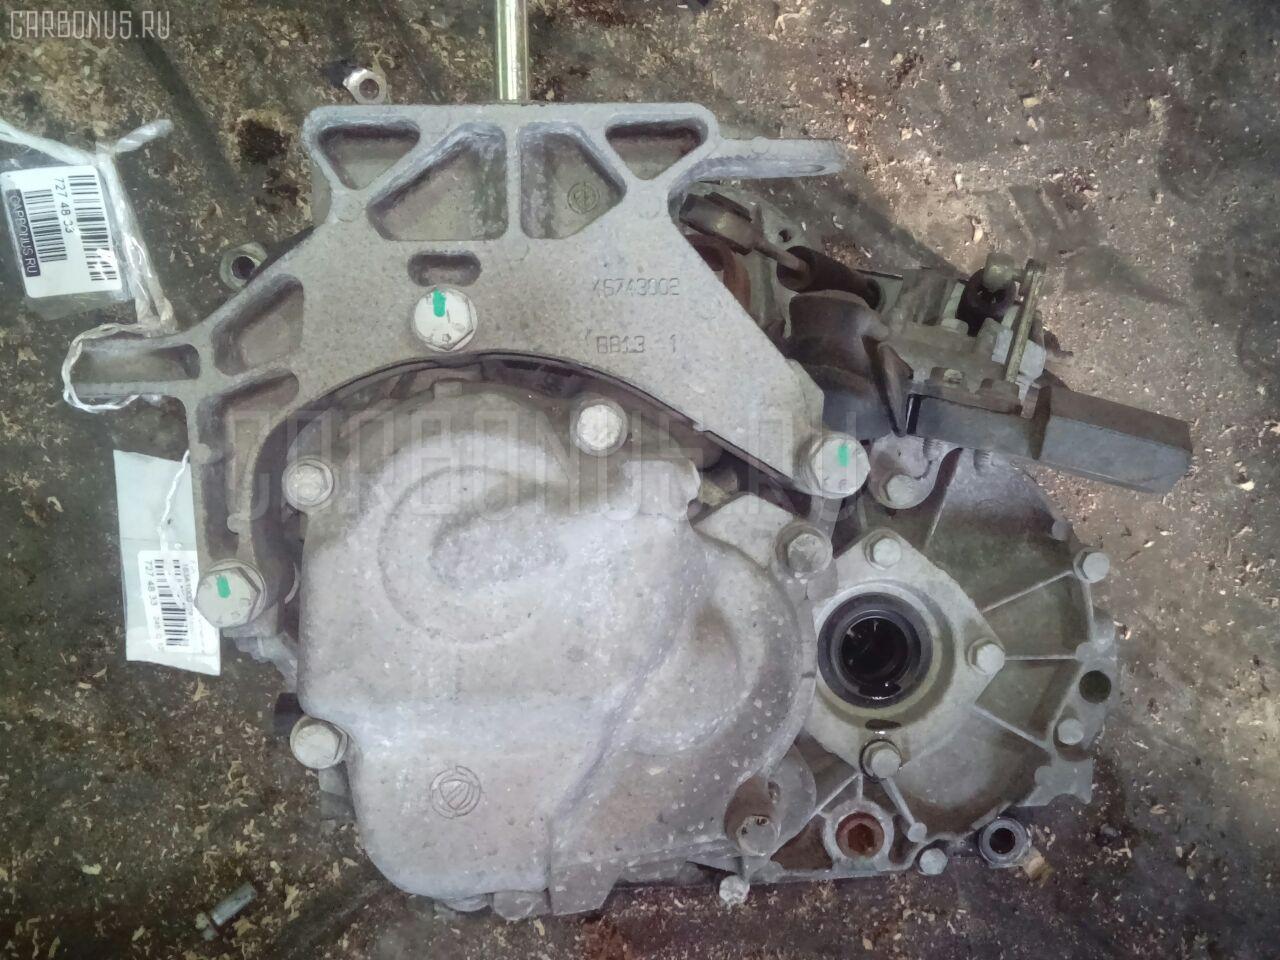 КПП механическая FIAT PUNTO 188 183A1000 Фото 2